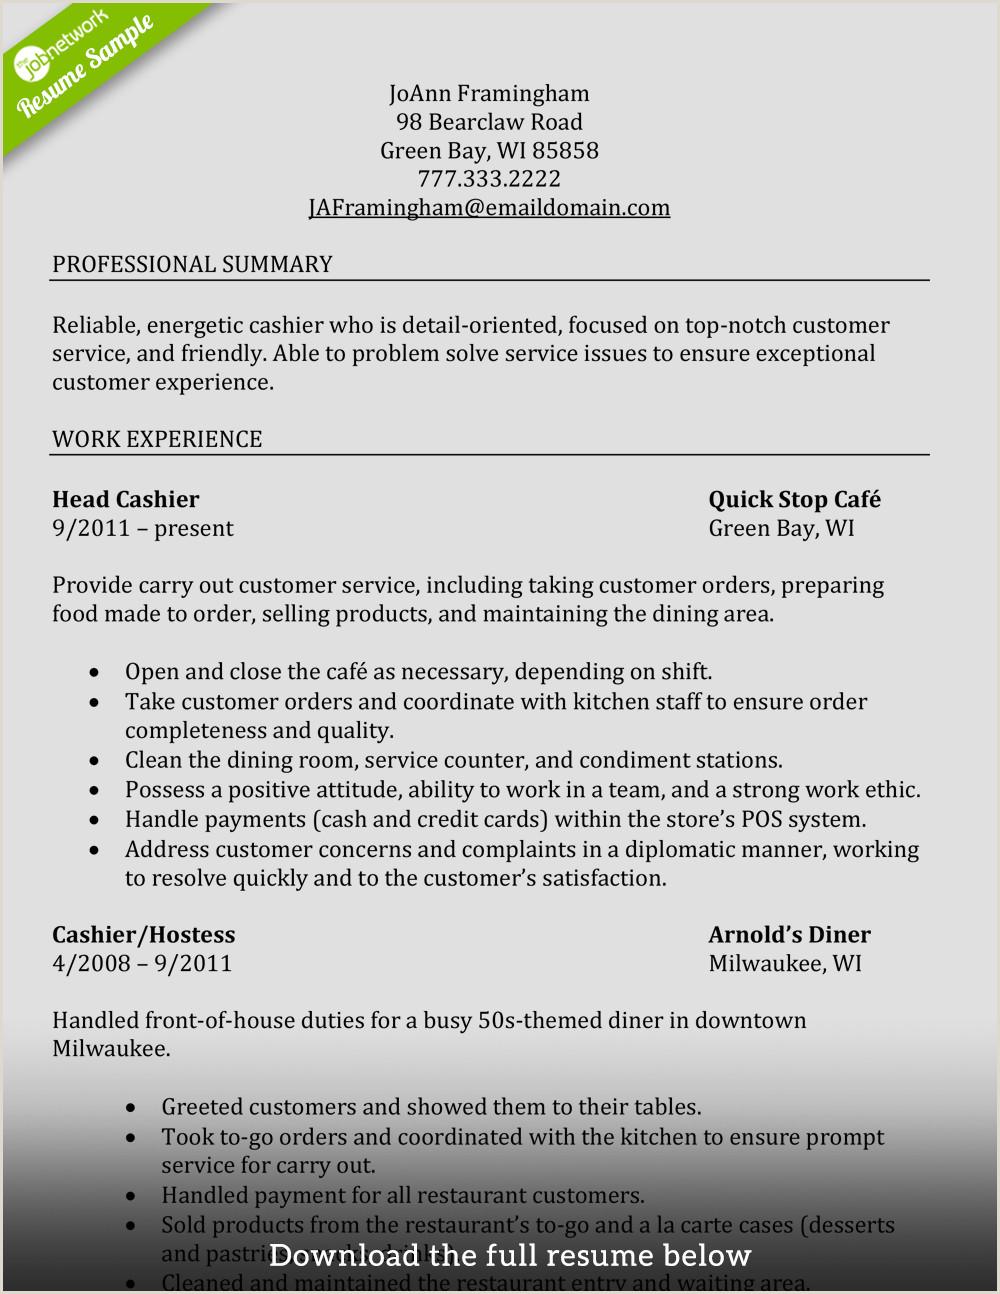 Cv format for Cashier Job Restaurant Cashier Resume Samples Velvet Jobs How to Write A